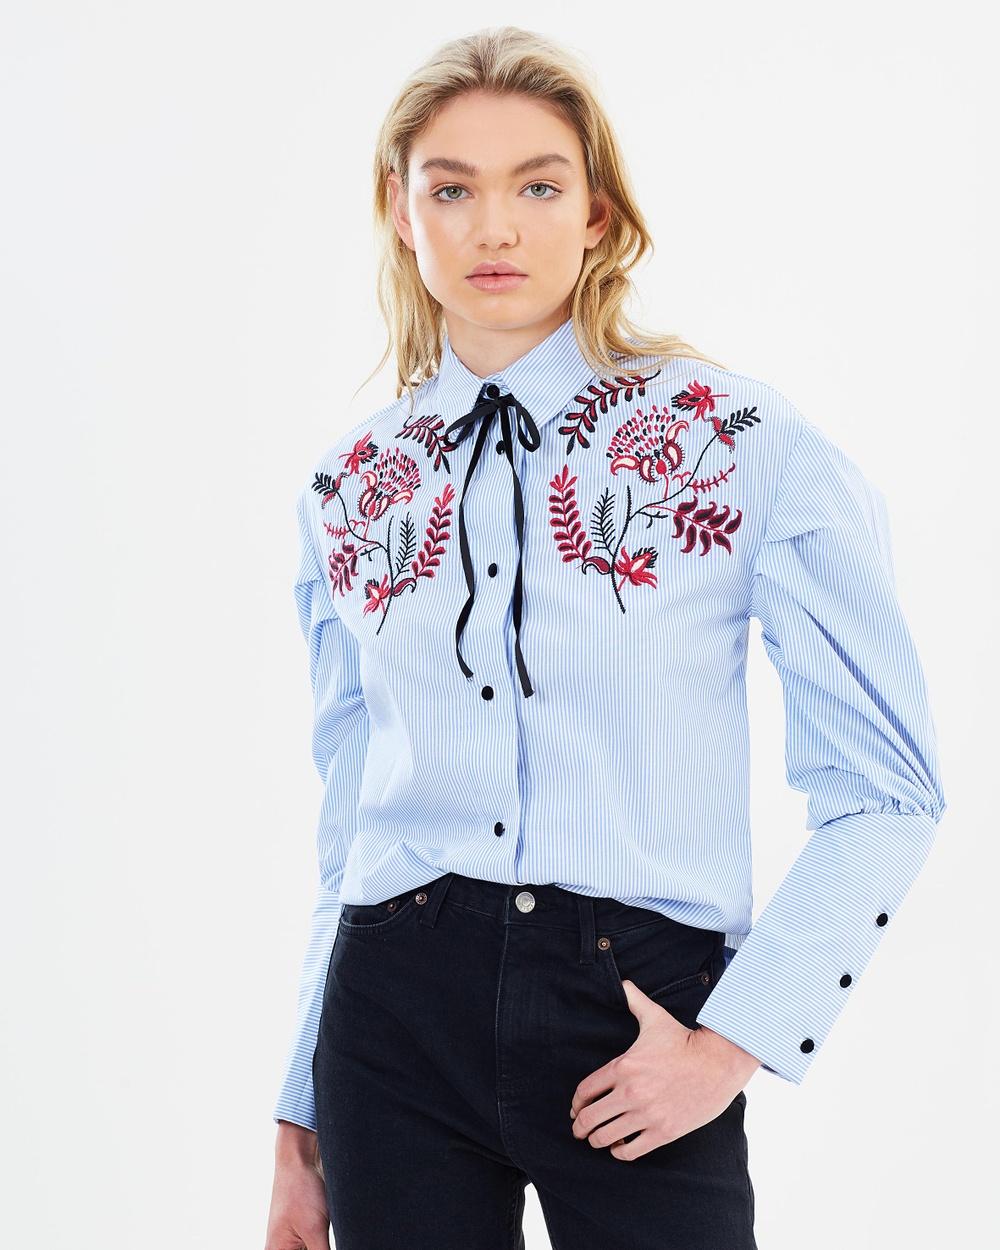 M.N.G West Shirt Tops Celeste West Shirt